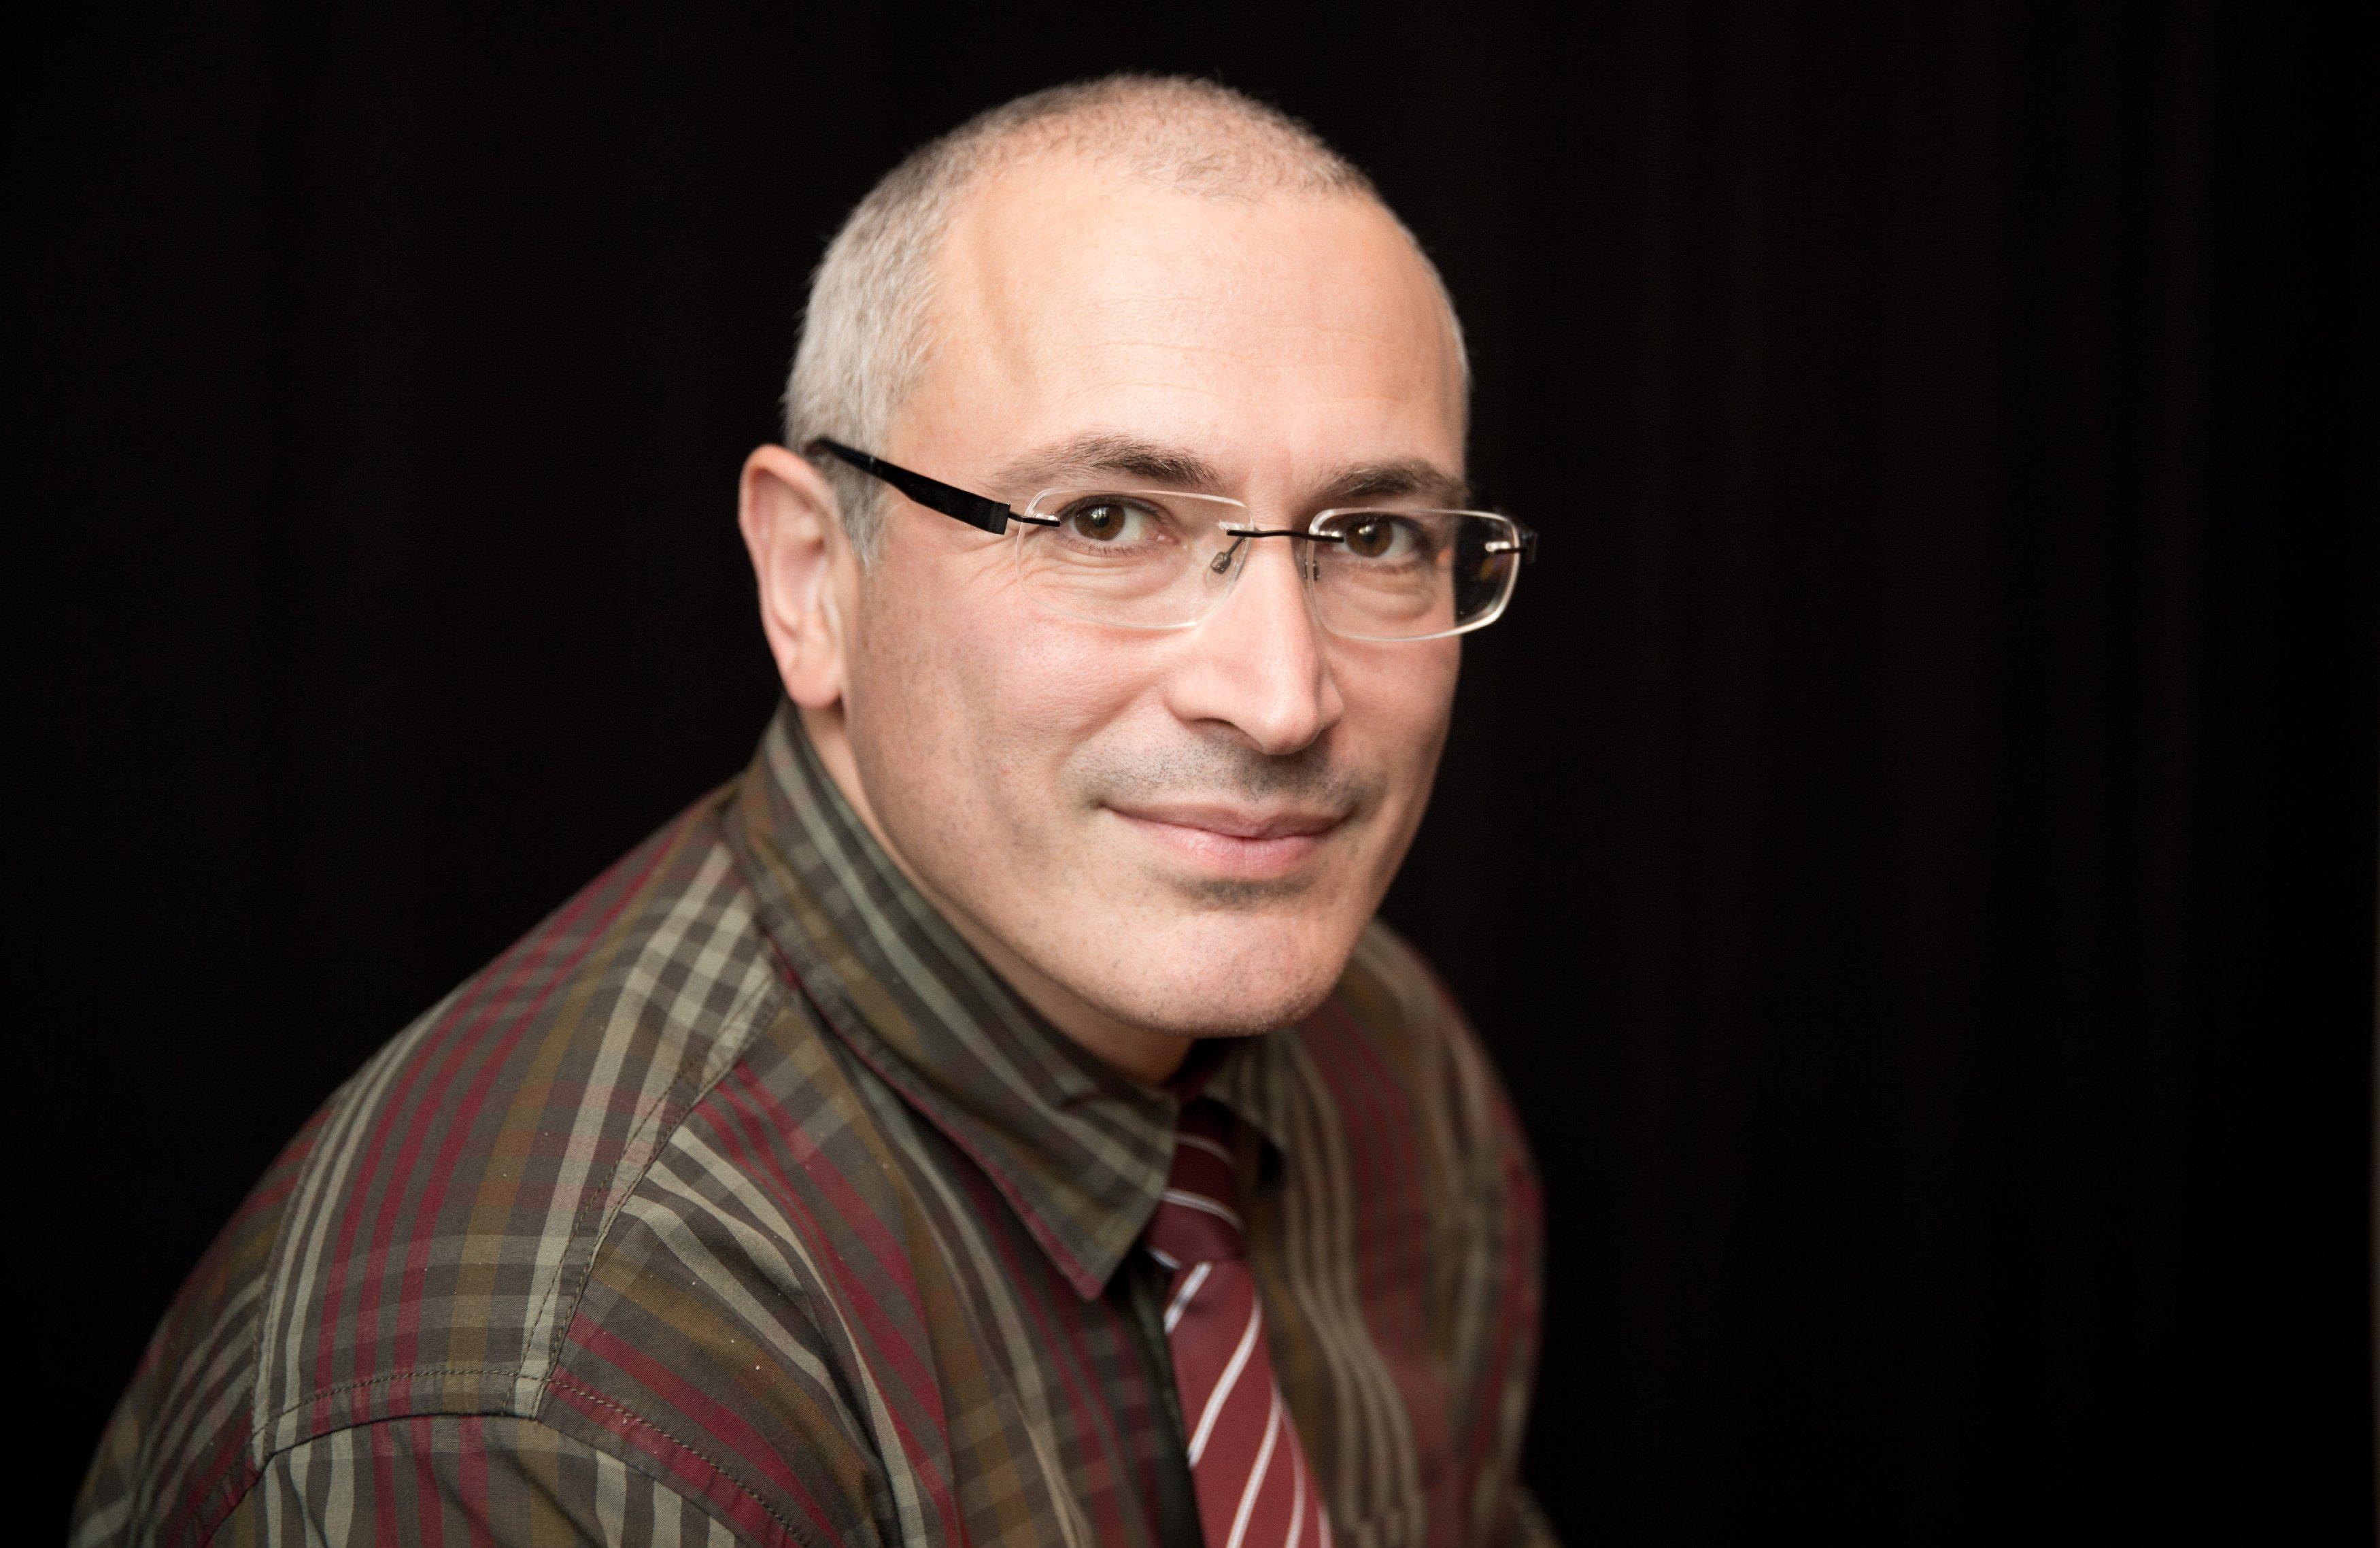 Главный спонсор гомосексуализма: как Ходорковский пропагандирует ЛГБТ